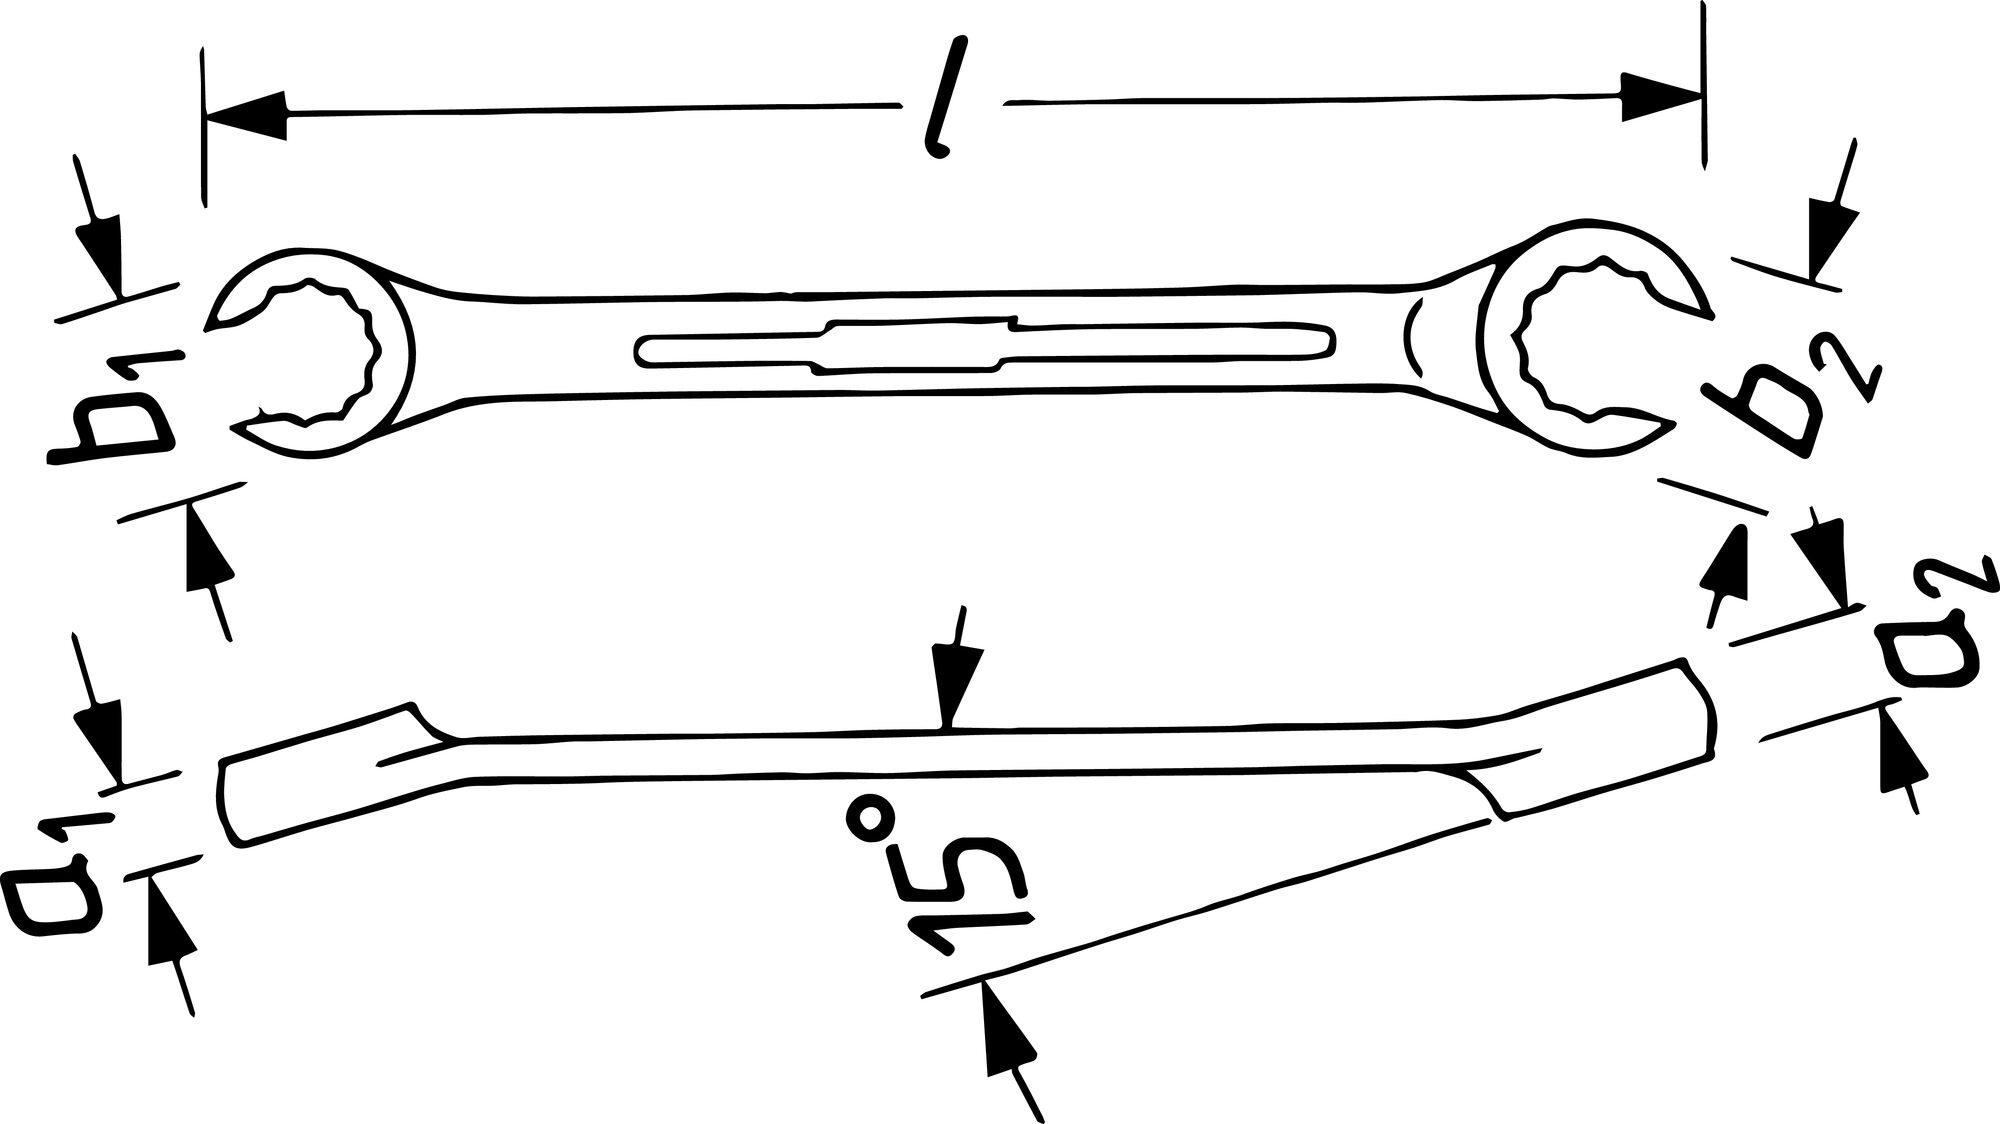 HAZET Doppel-Ringschlüssel ∙ offen 612-13X15 ∙ Außen-Doppel-Sechskant Profil ∙ 13 x 15 mm